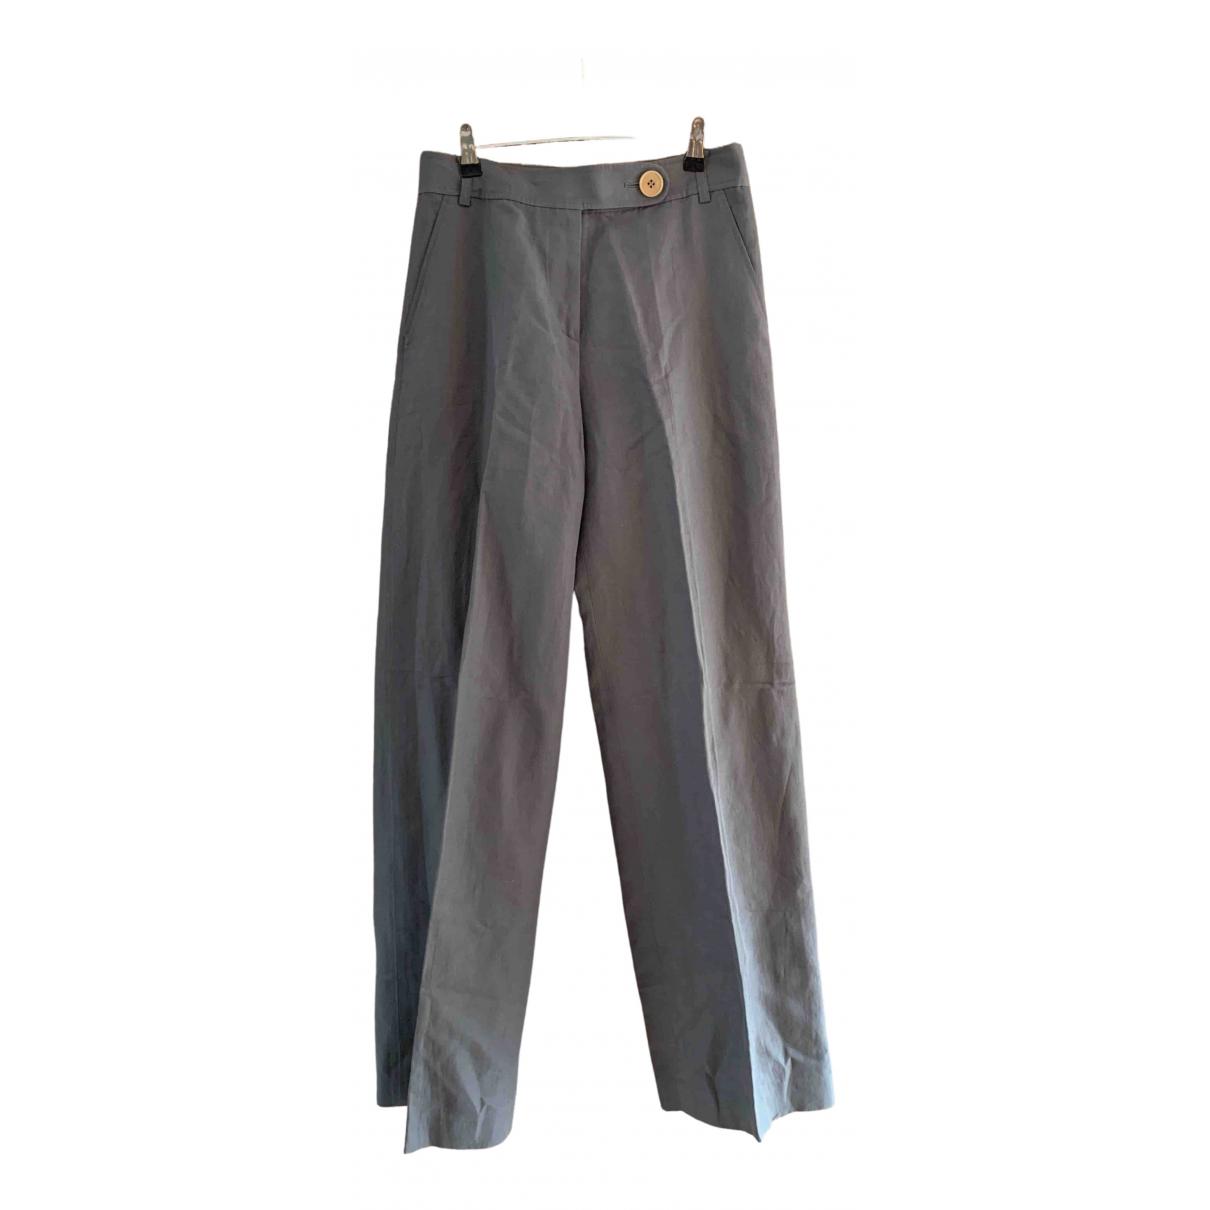 Paul Smith \N Grey Linen Trousers for Women 44 IT